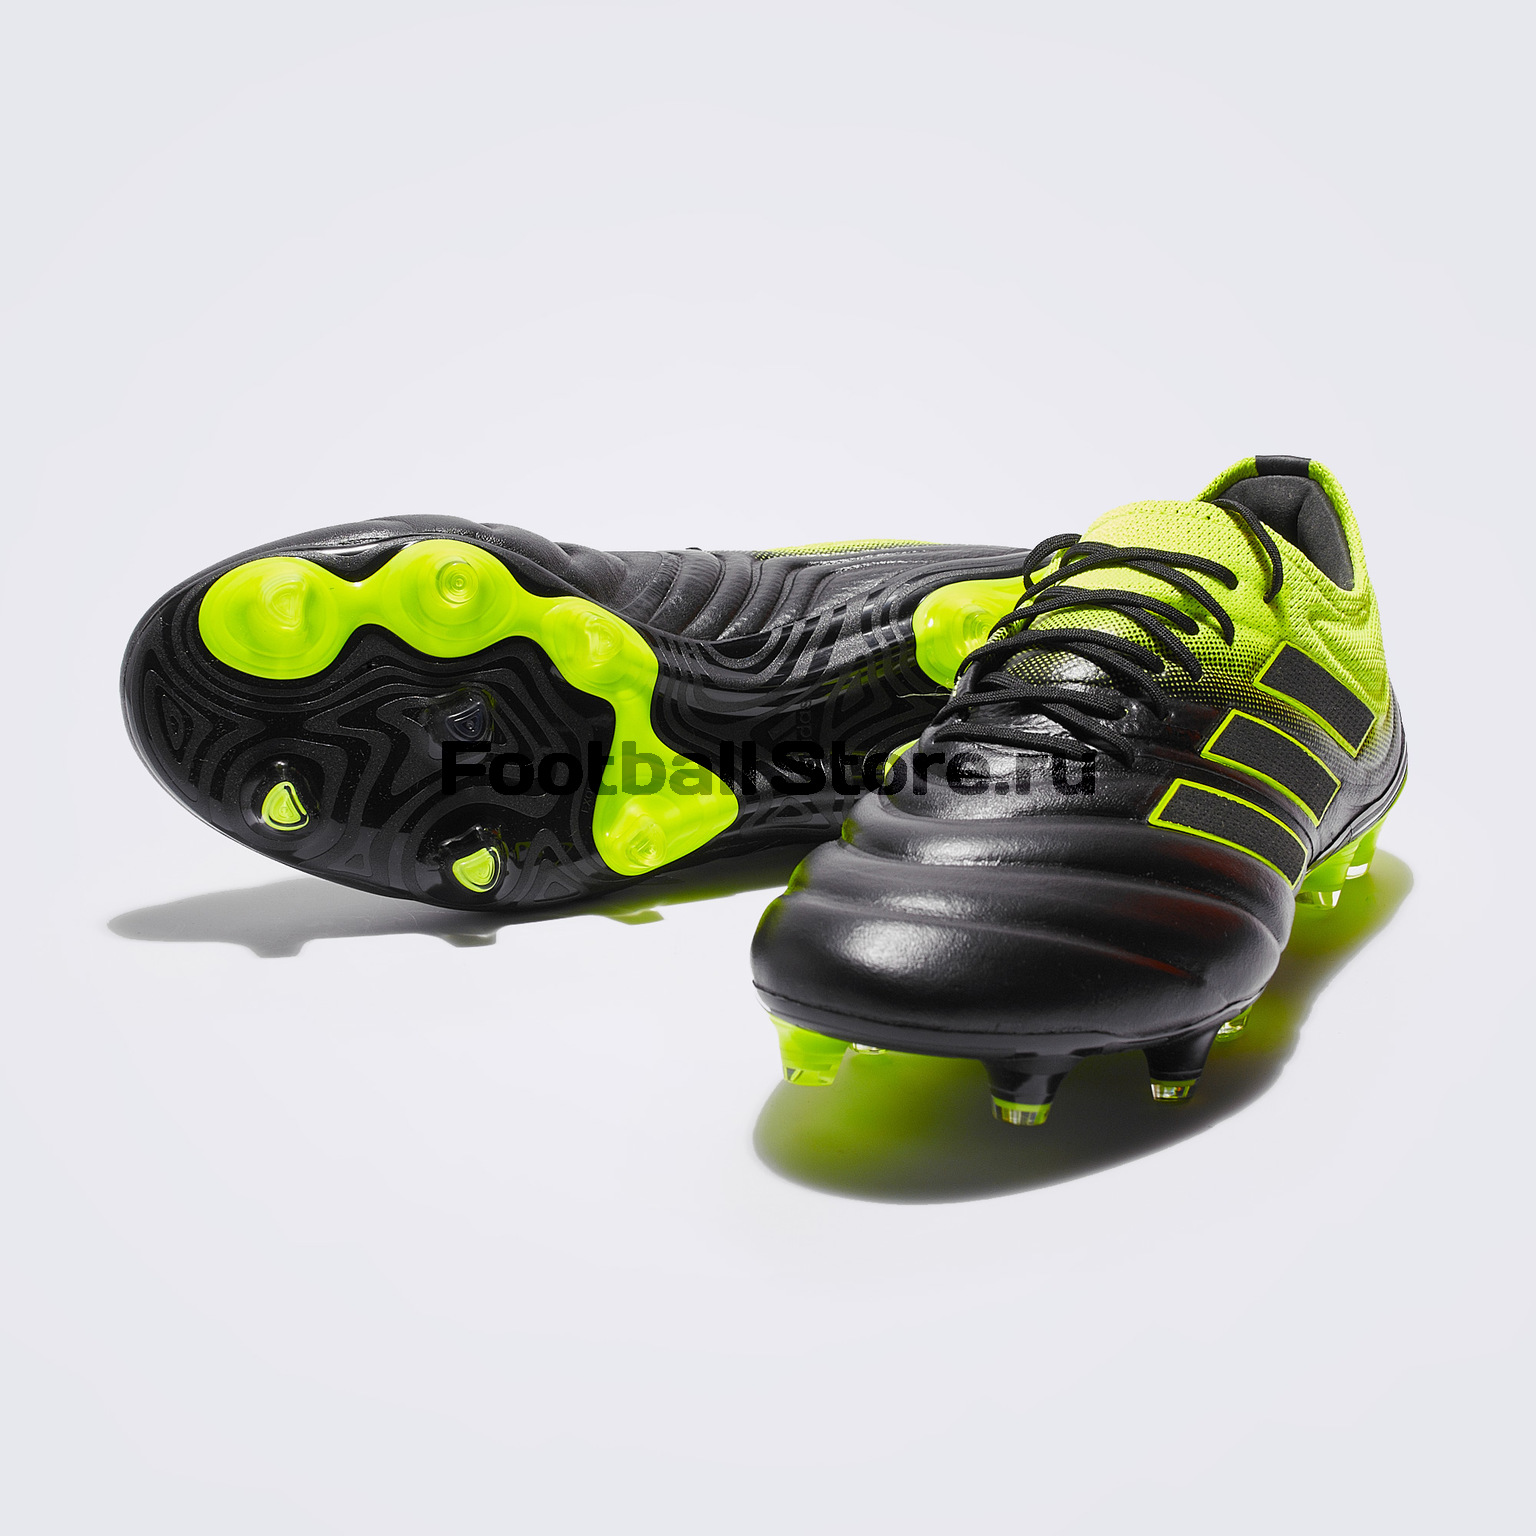 37322a84 Бутсы Adidas Copa 19.1 FG BB8088 – купить бутсы в интернет магазине ...